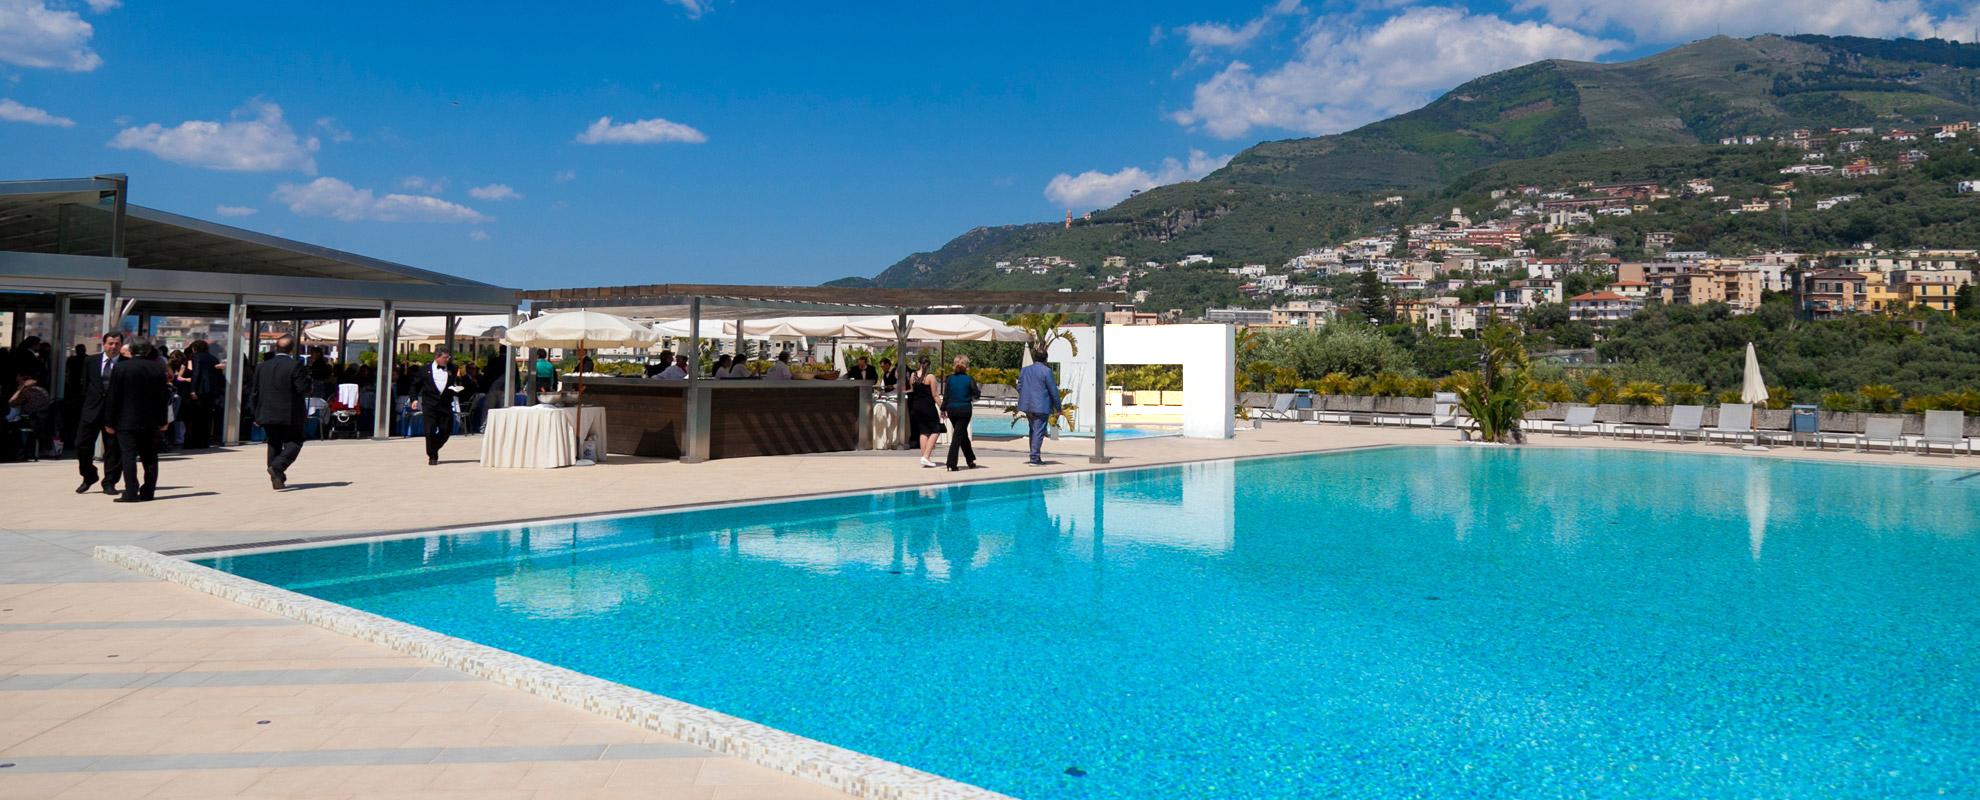 Villas Of Sorrento Reviews